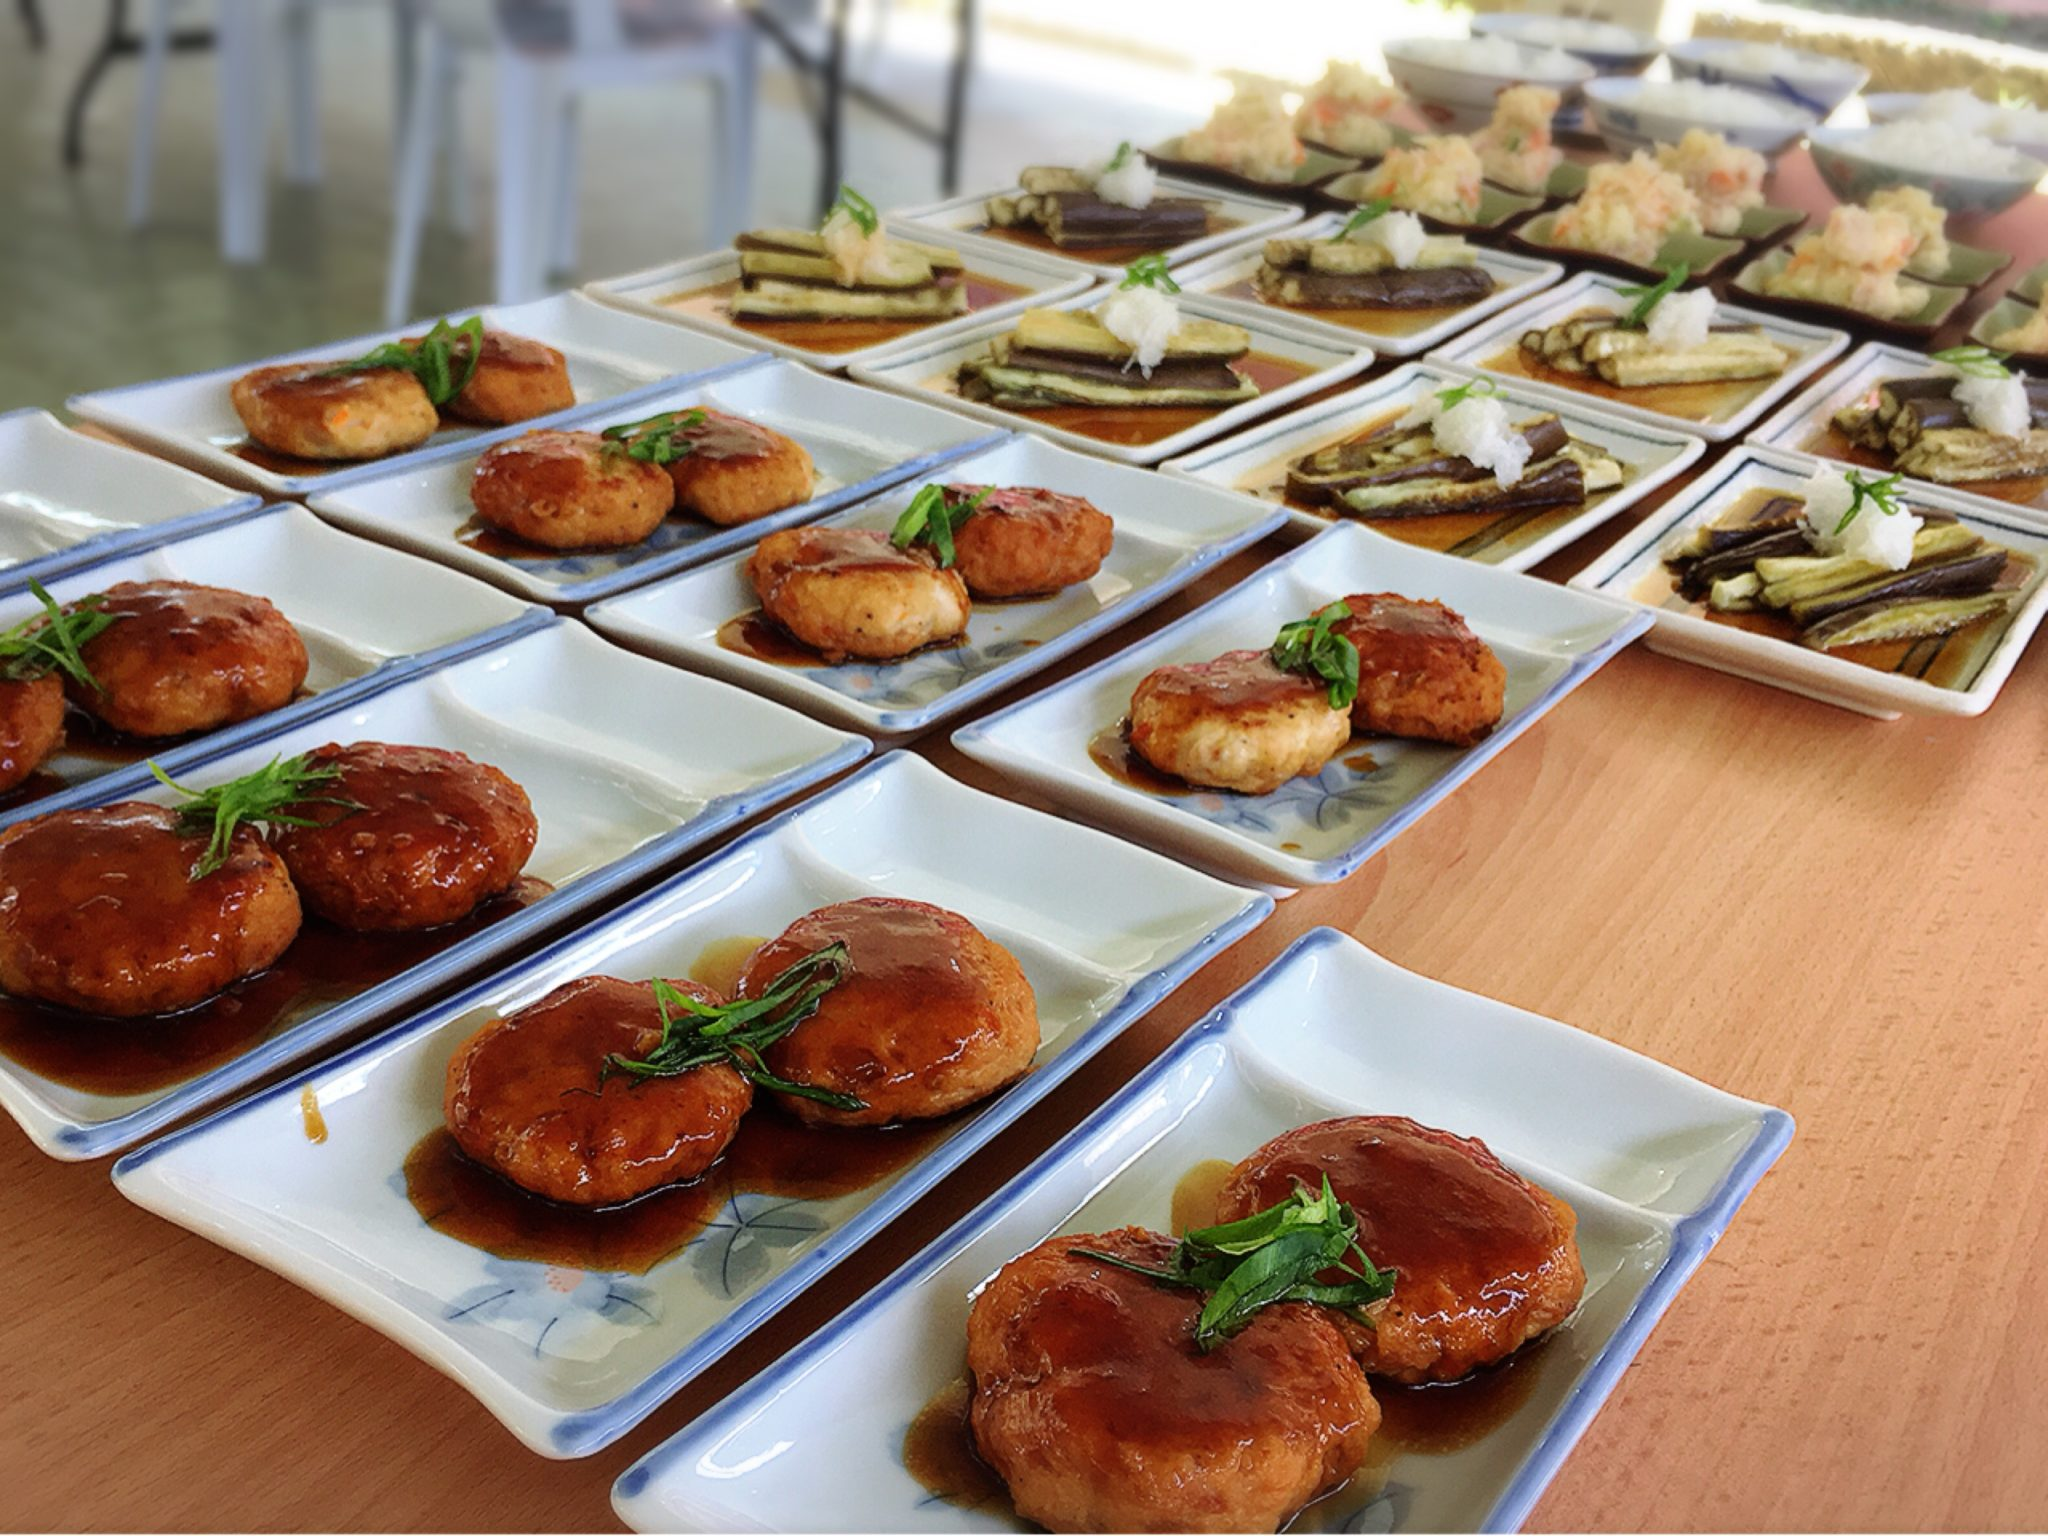 日本食、栄養バランス満点、美味しい、おいしい、ランチ、ハンバーグ